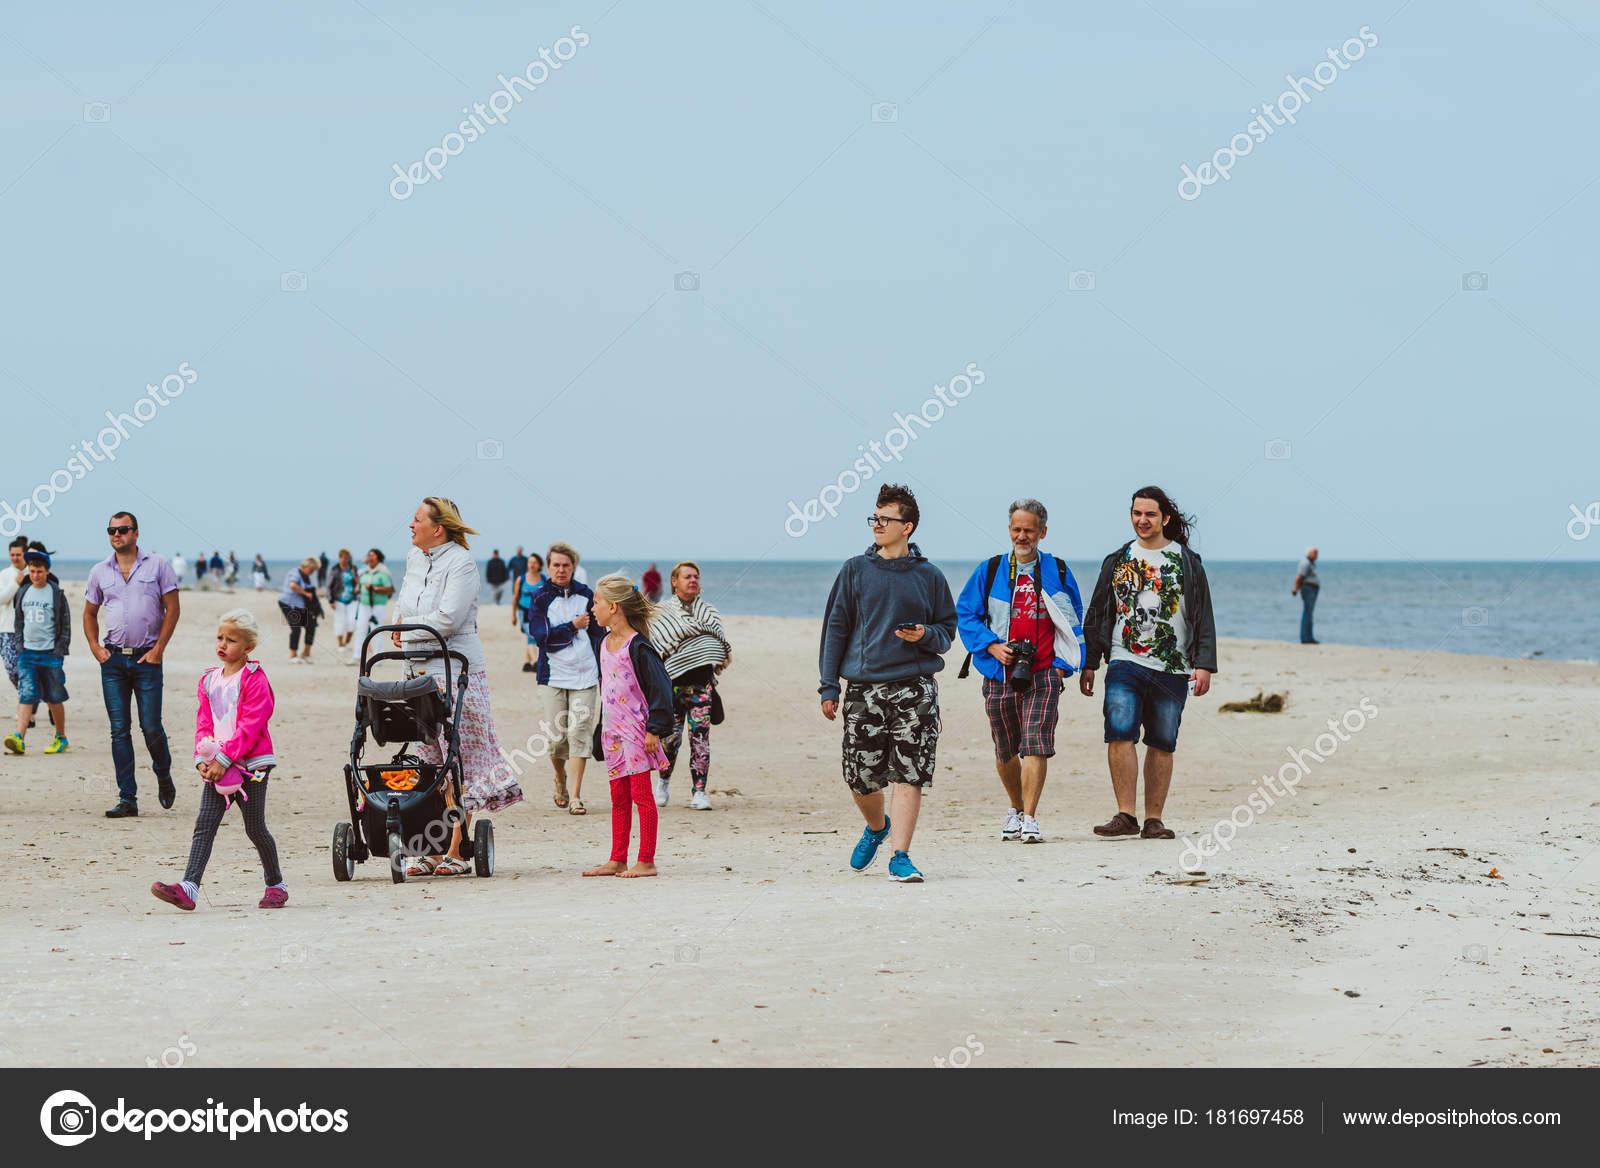 Рига латвия августа 2016 людей посещающих мыс колка латвия волны.